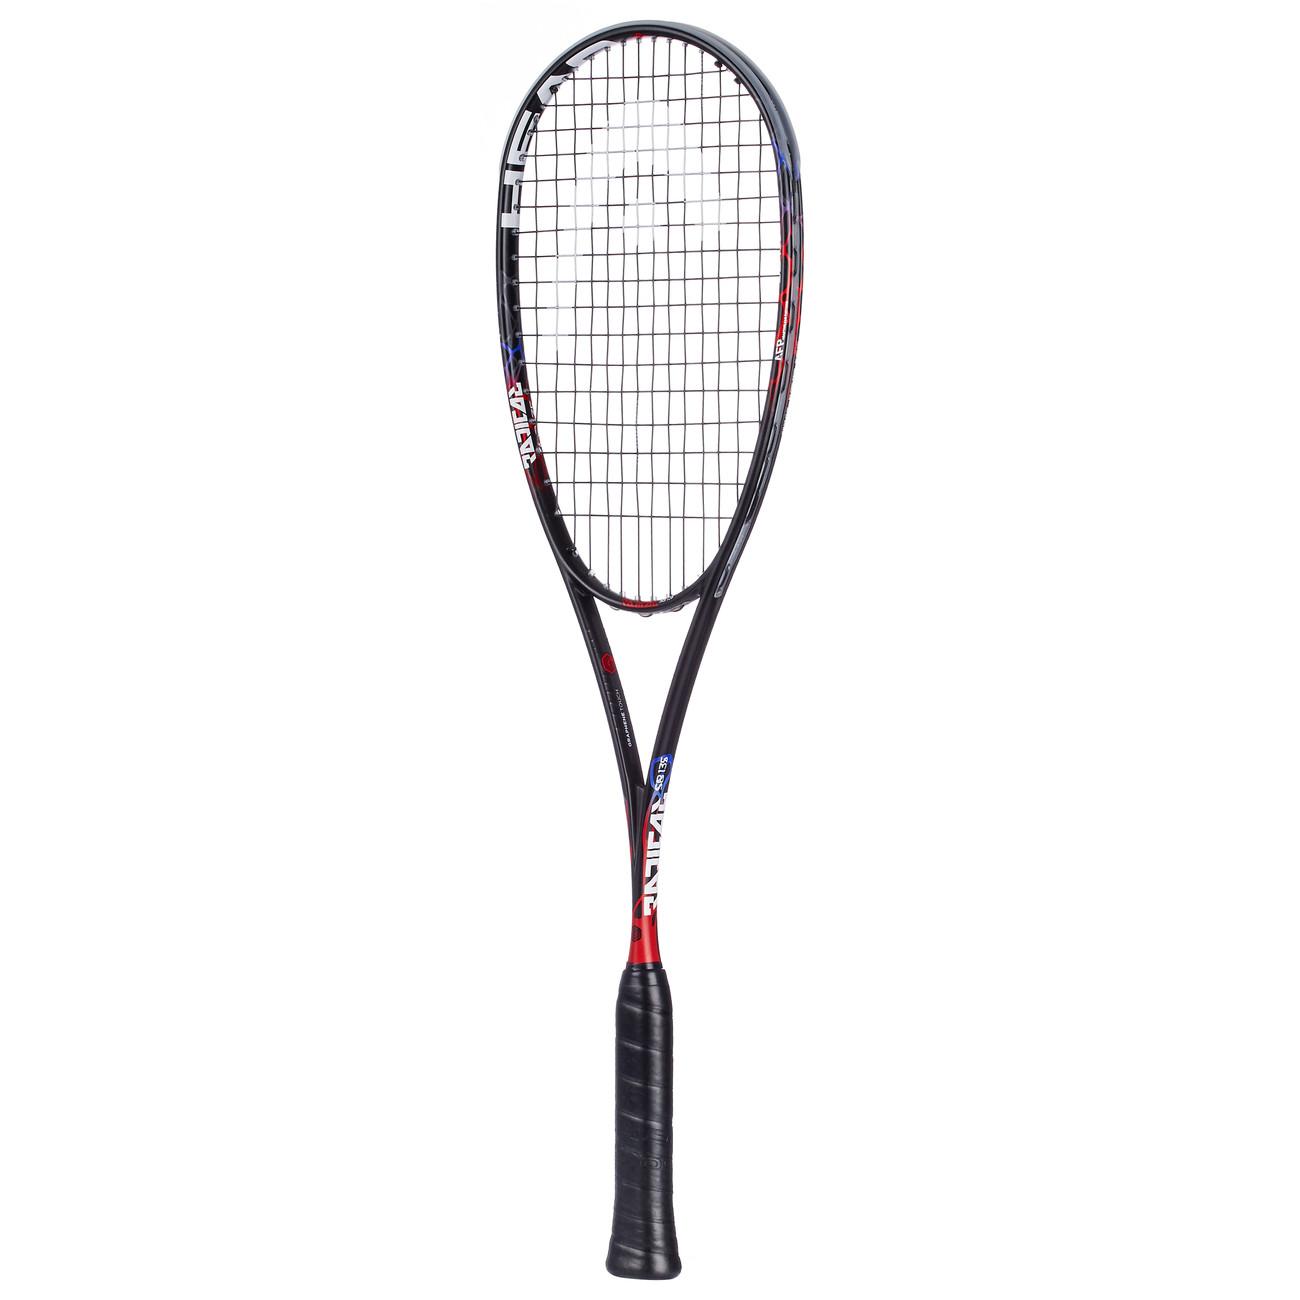 Head Graphene Touch Radical 135 Slimbody Squash Racket